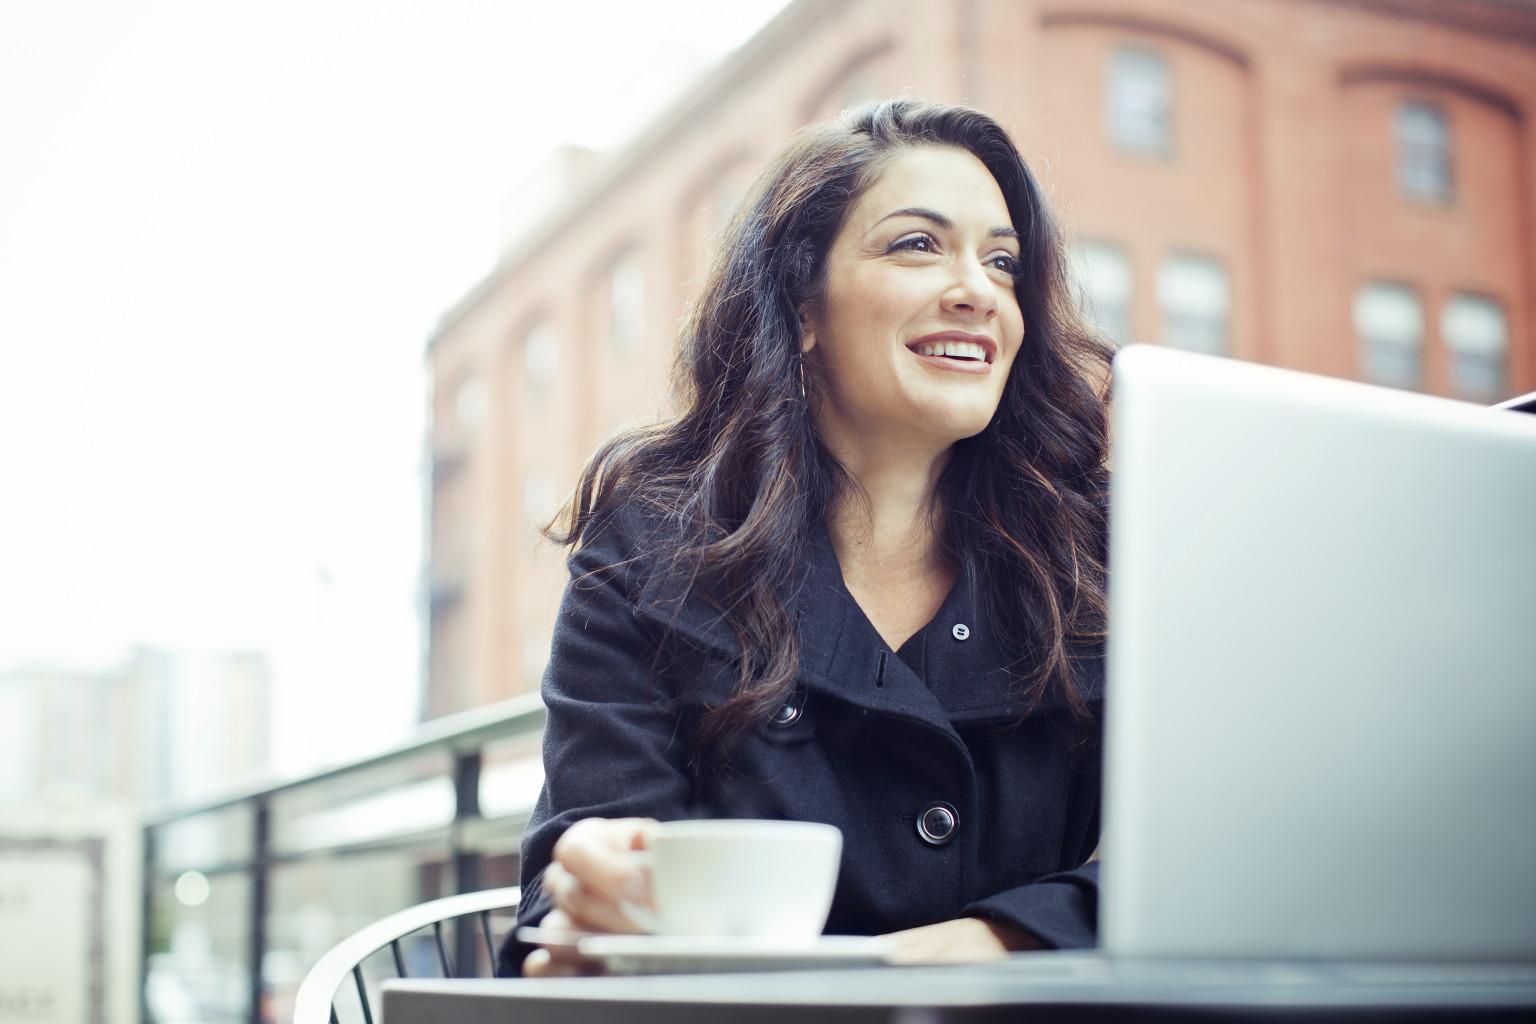 Coffee Break Business Woman Outdoors